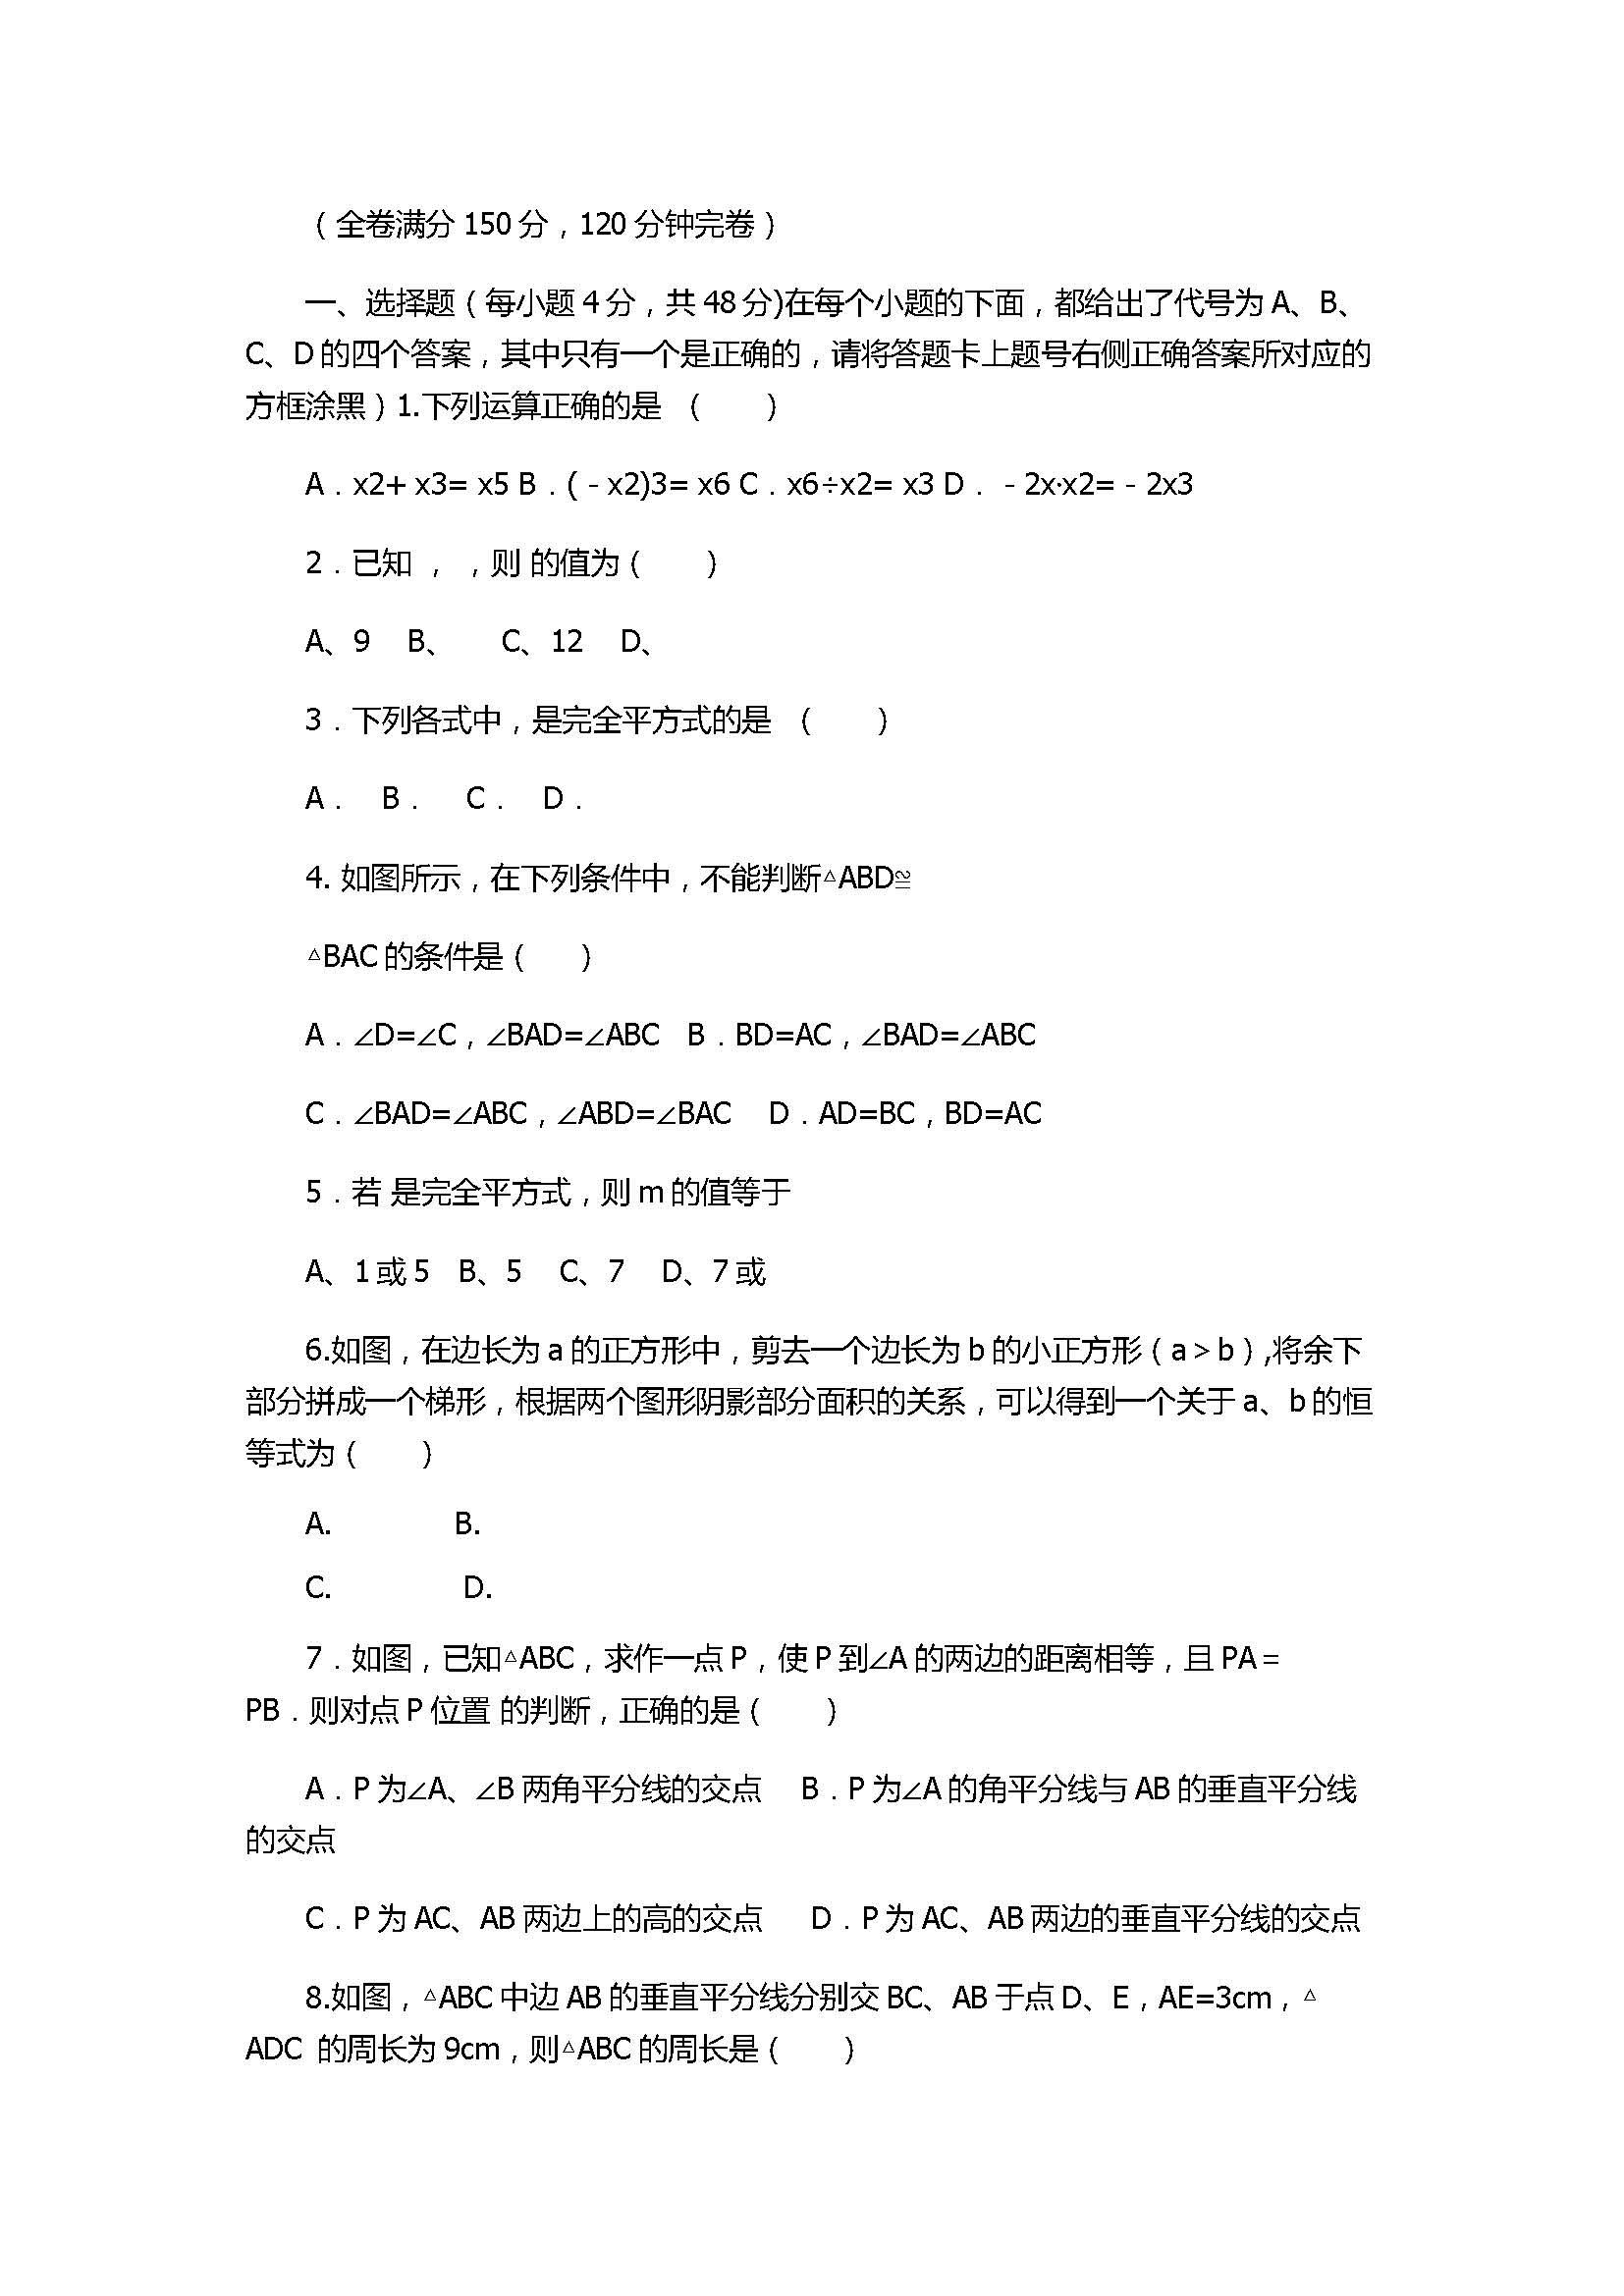 2017八年级数学上册月考试卷带参考答案(重庆市彭水)